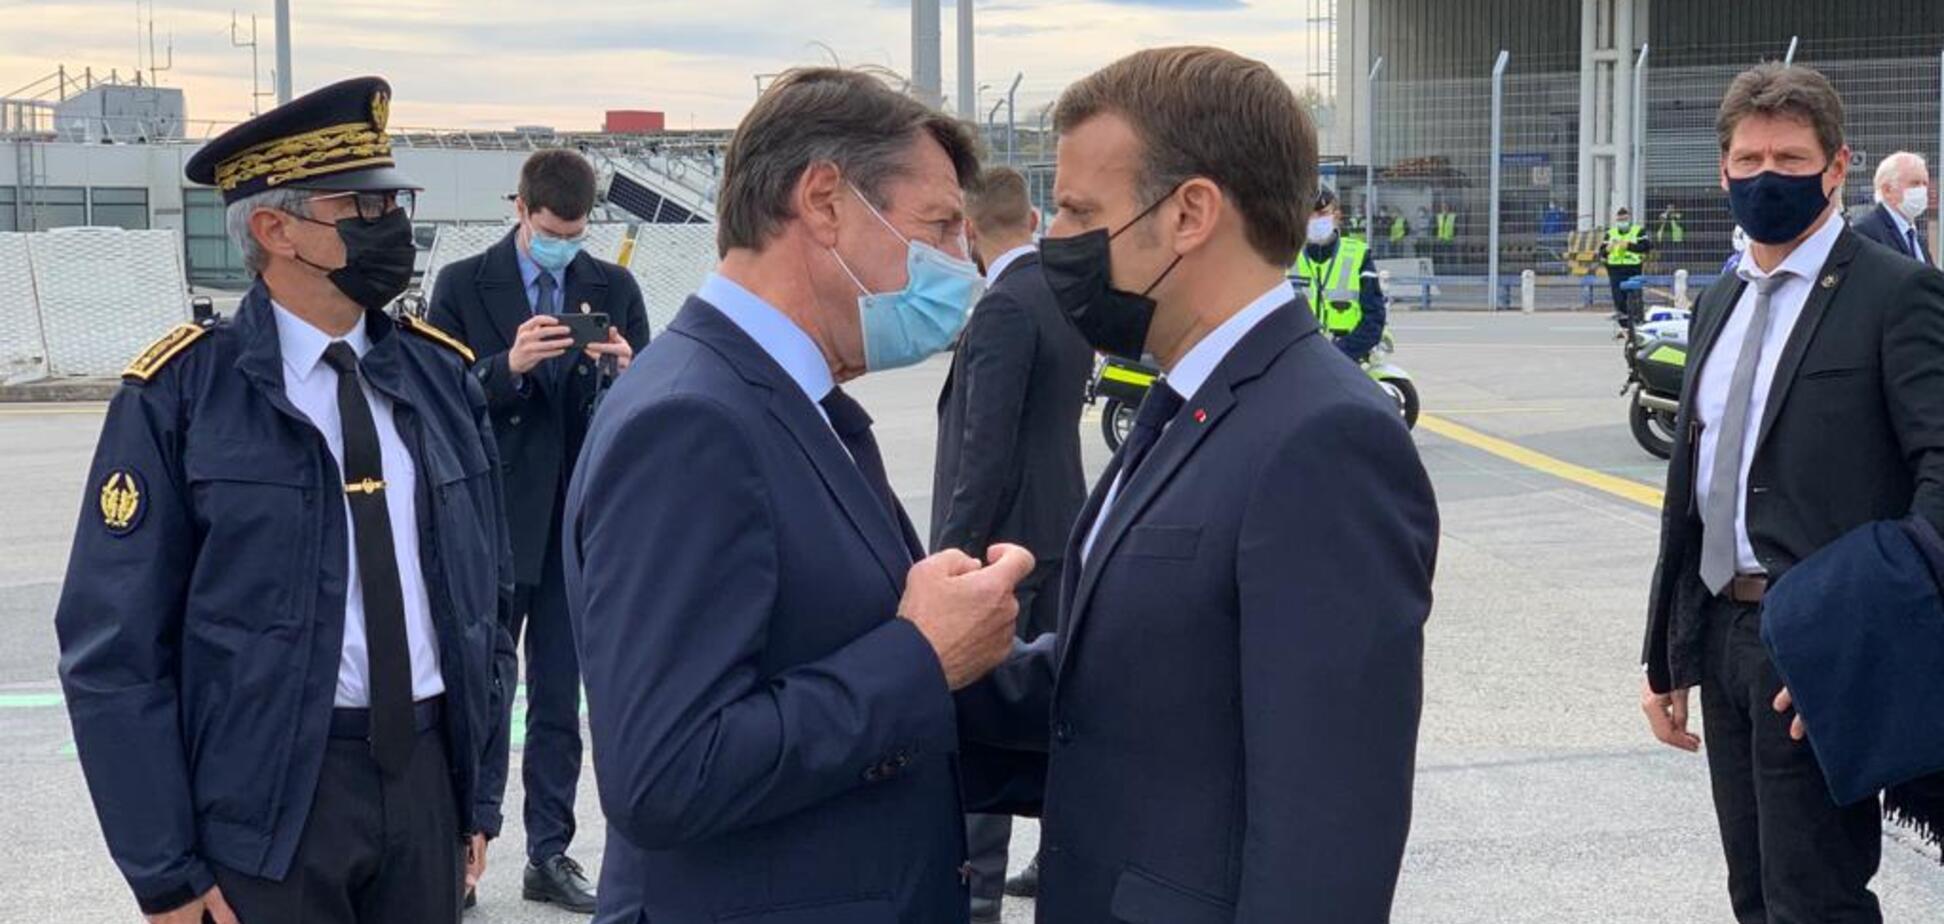 Макрон с мэром Ниццы Кристианом Эстрози